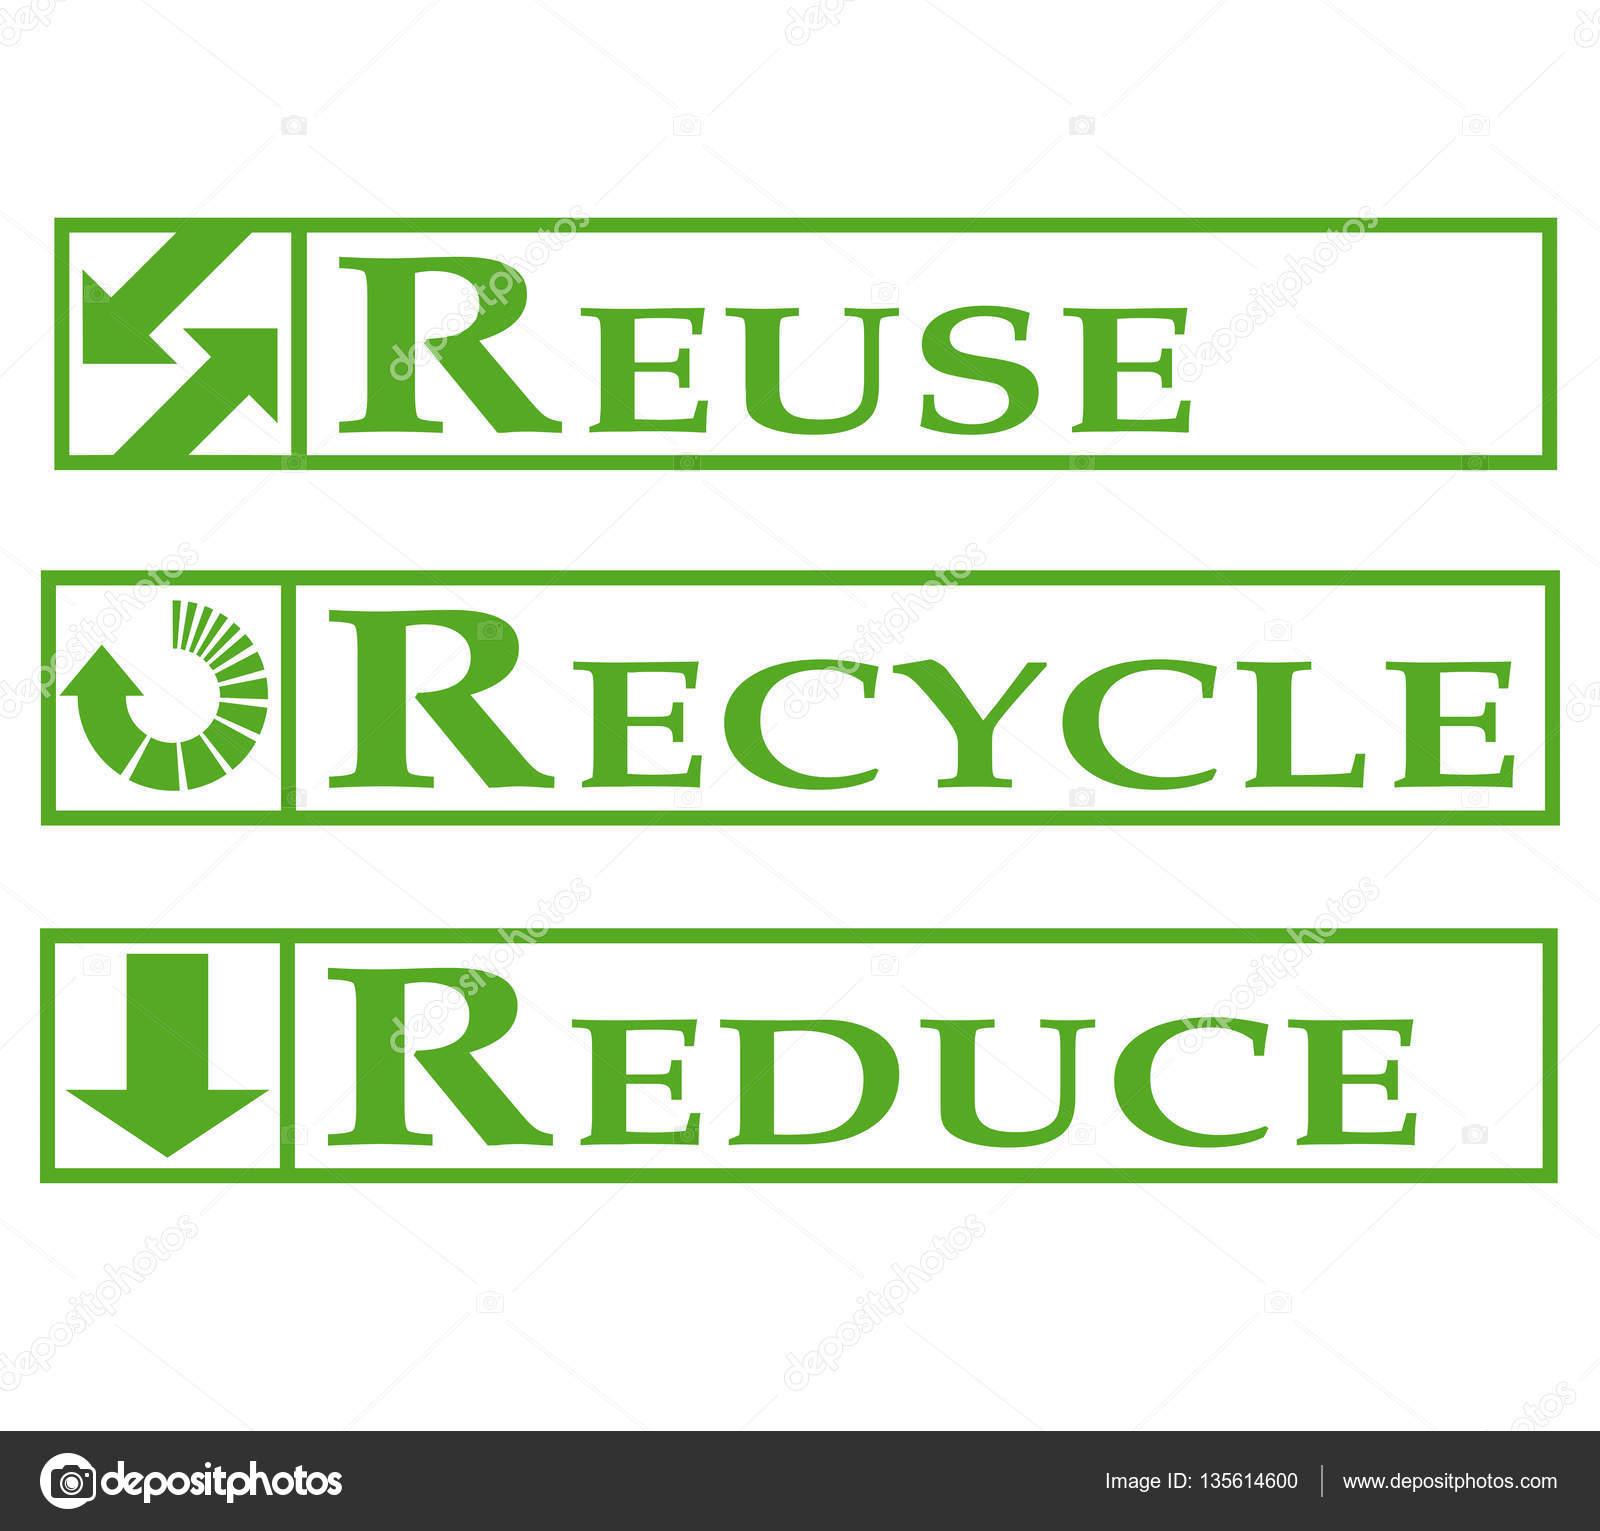 242a78841 reutilizar, reciclar, reducir el — Foto de stock © ricochet69 #135614600